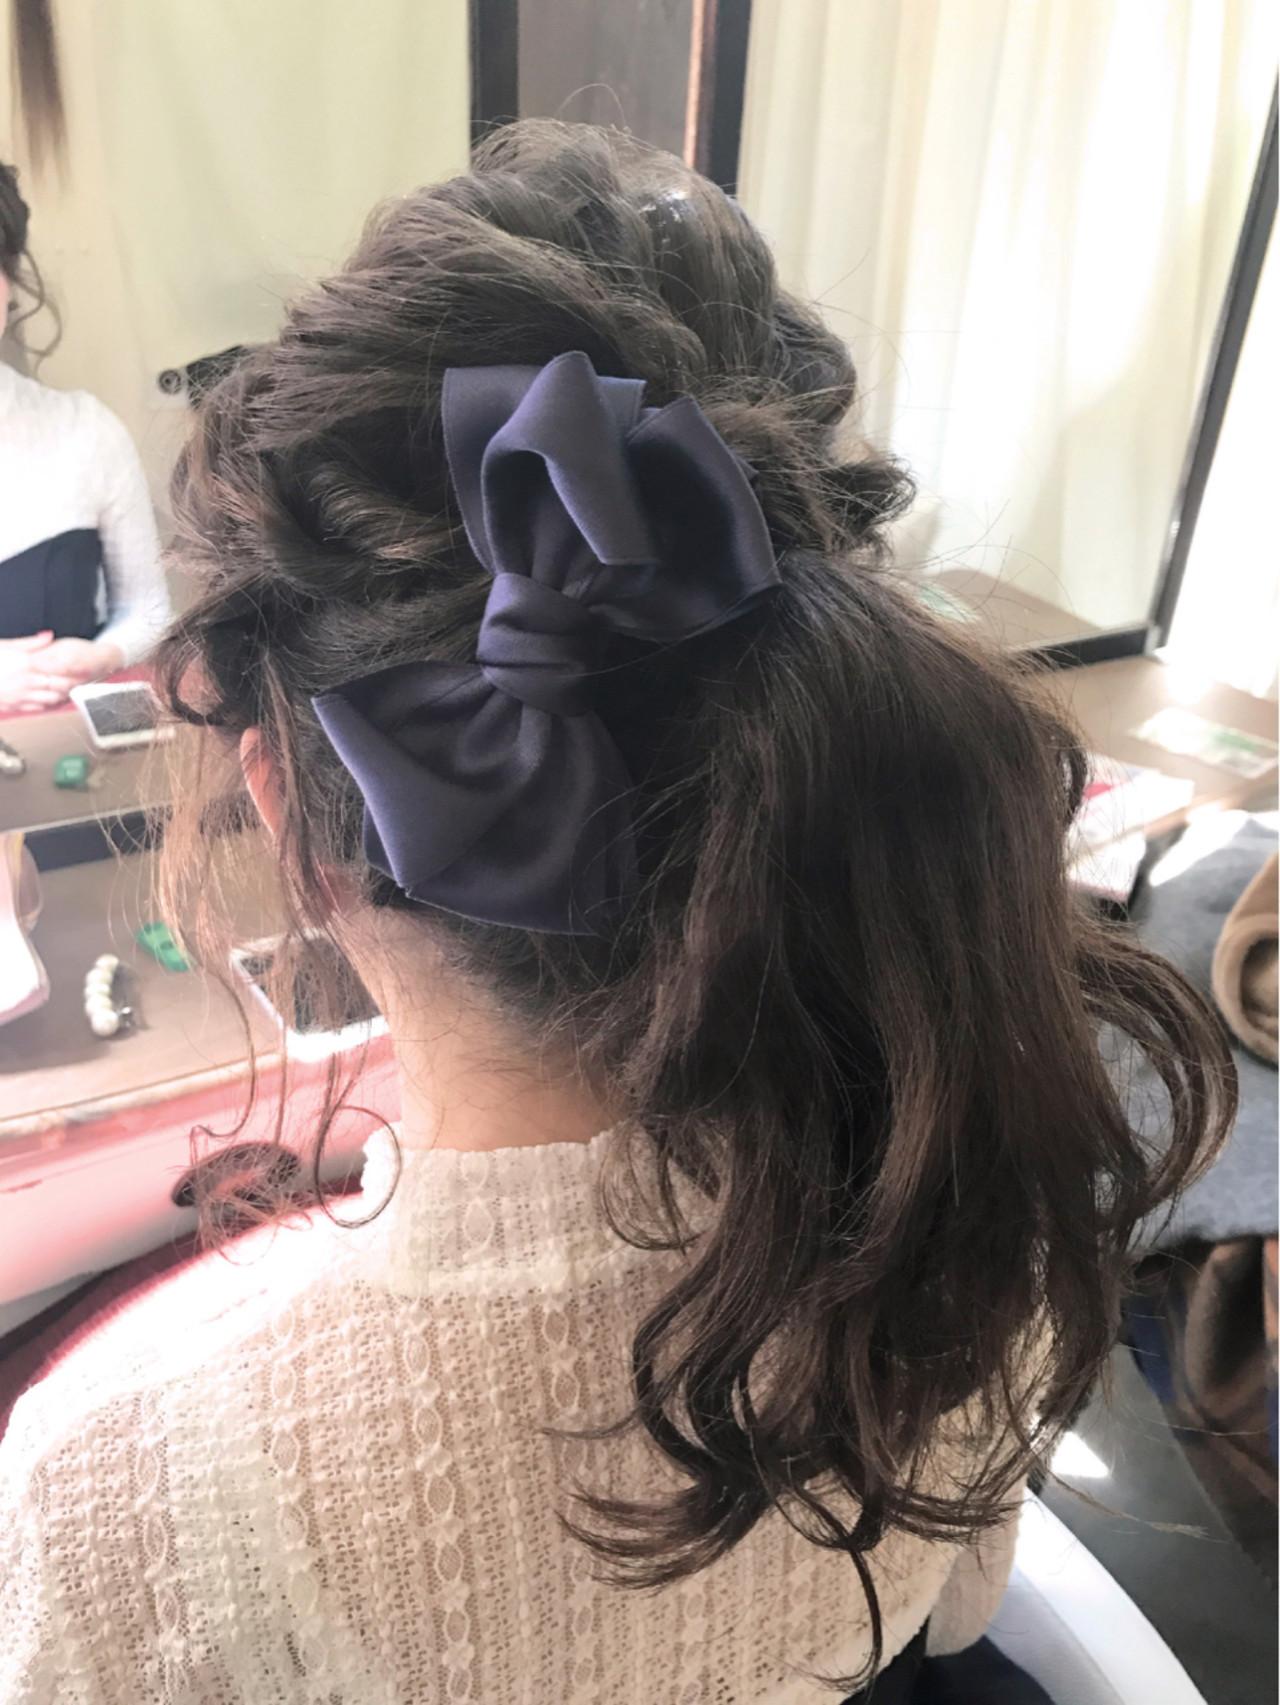 【ロングさん向け】髪が長いからこそ楽しむべき♪ヘアアレンジ12選 桝田 由佳